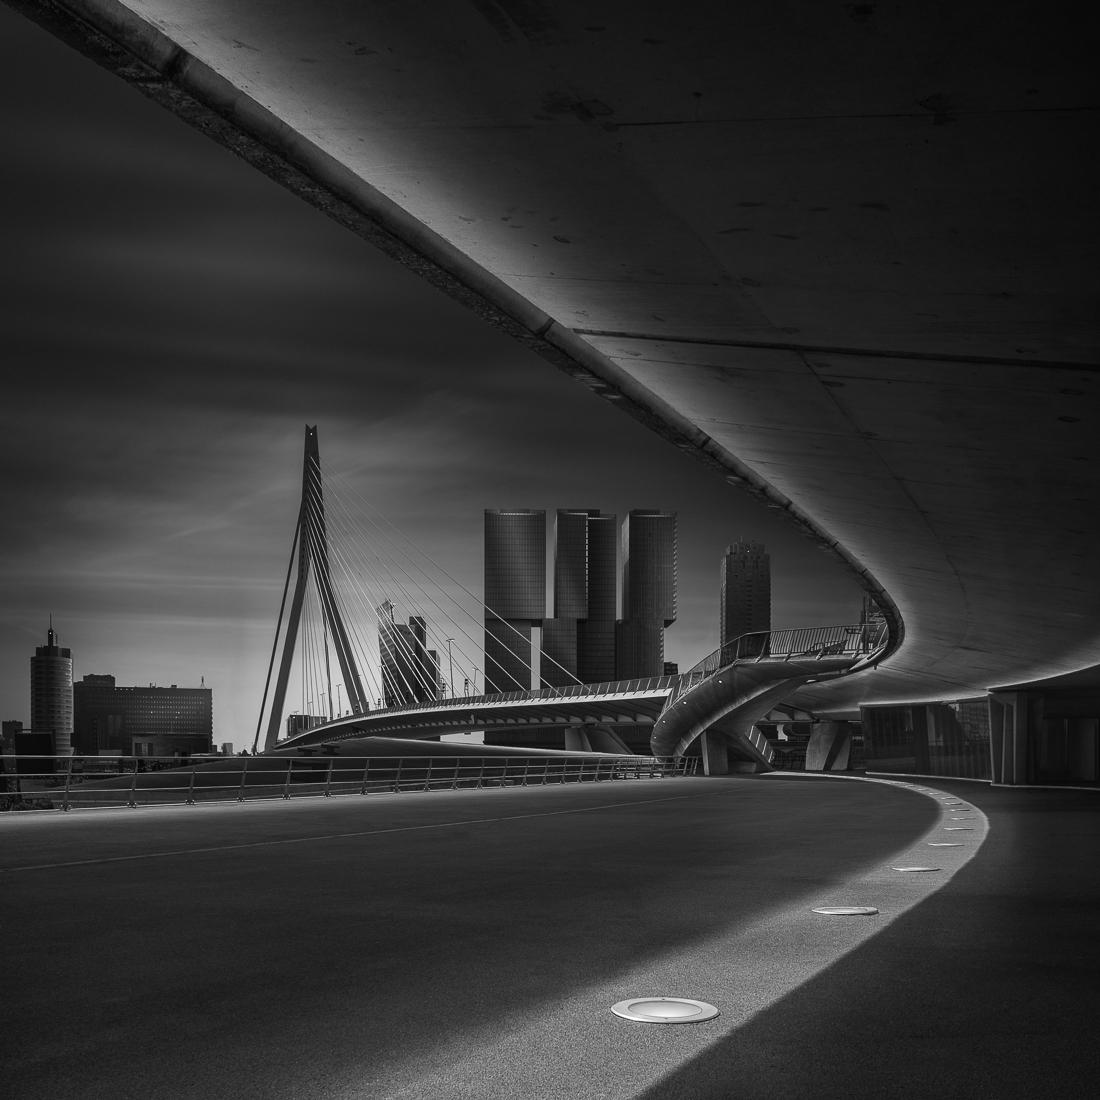 Peter Schroyens - Serenity - Alien Cities